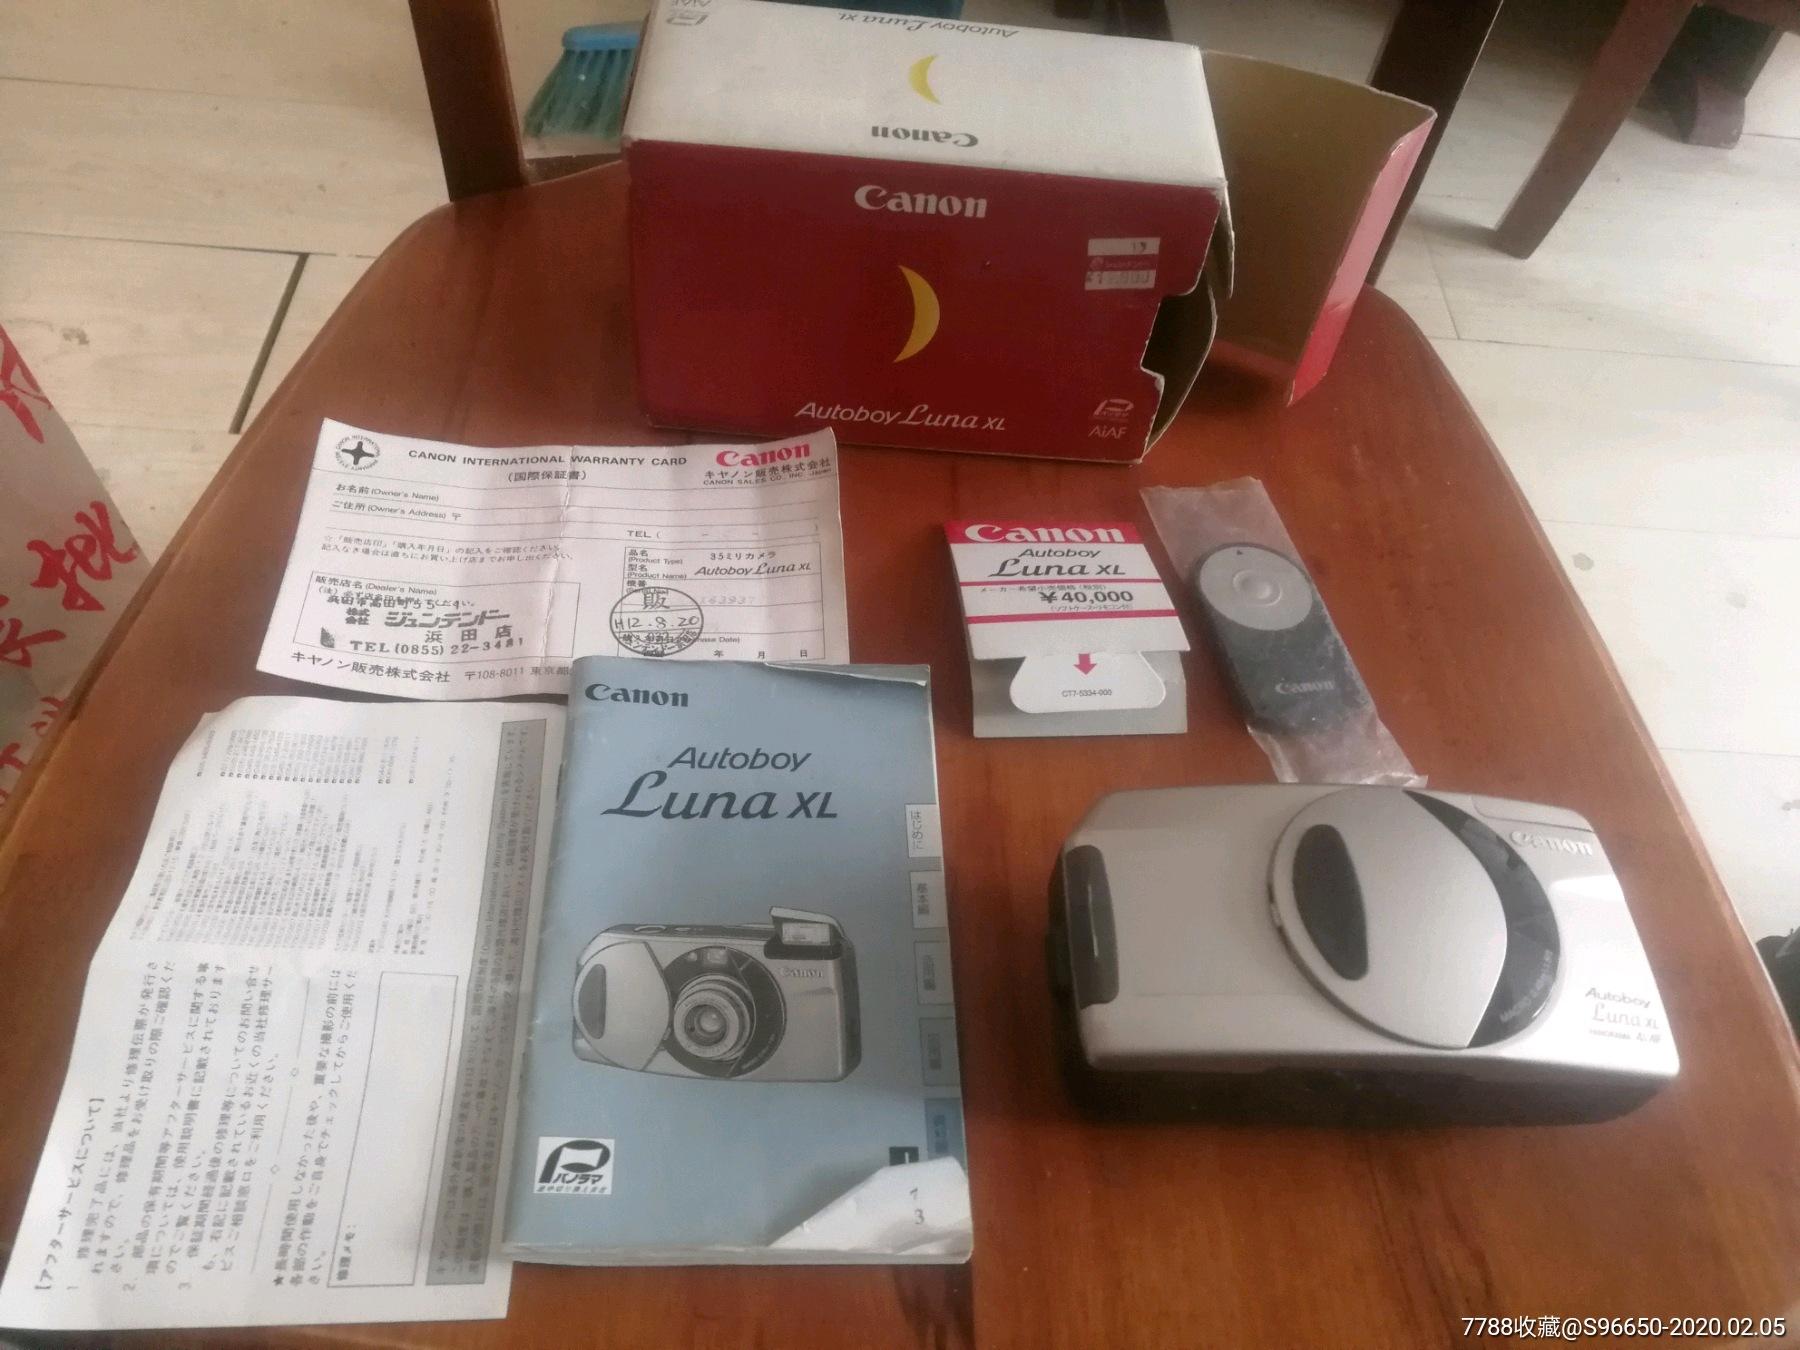 日本原产佳能相机带包装盒,说明书,遥控器,保证书的等,(au22227175)_